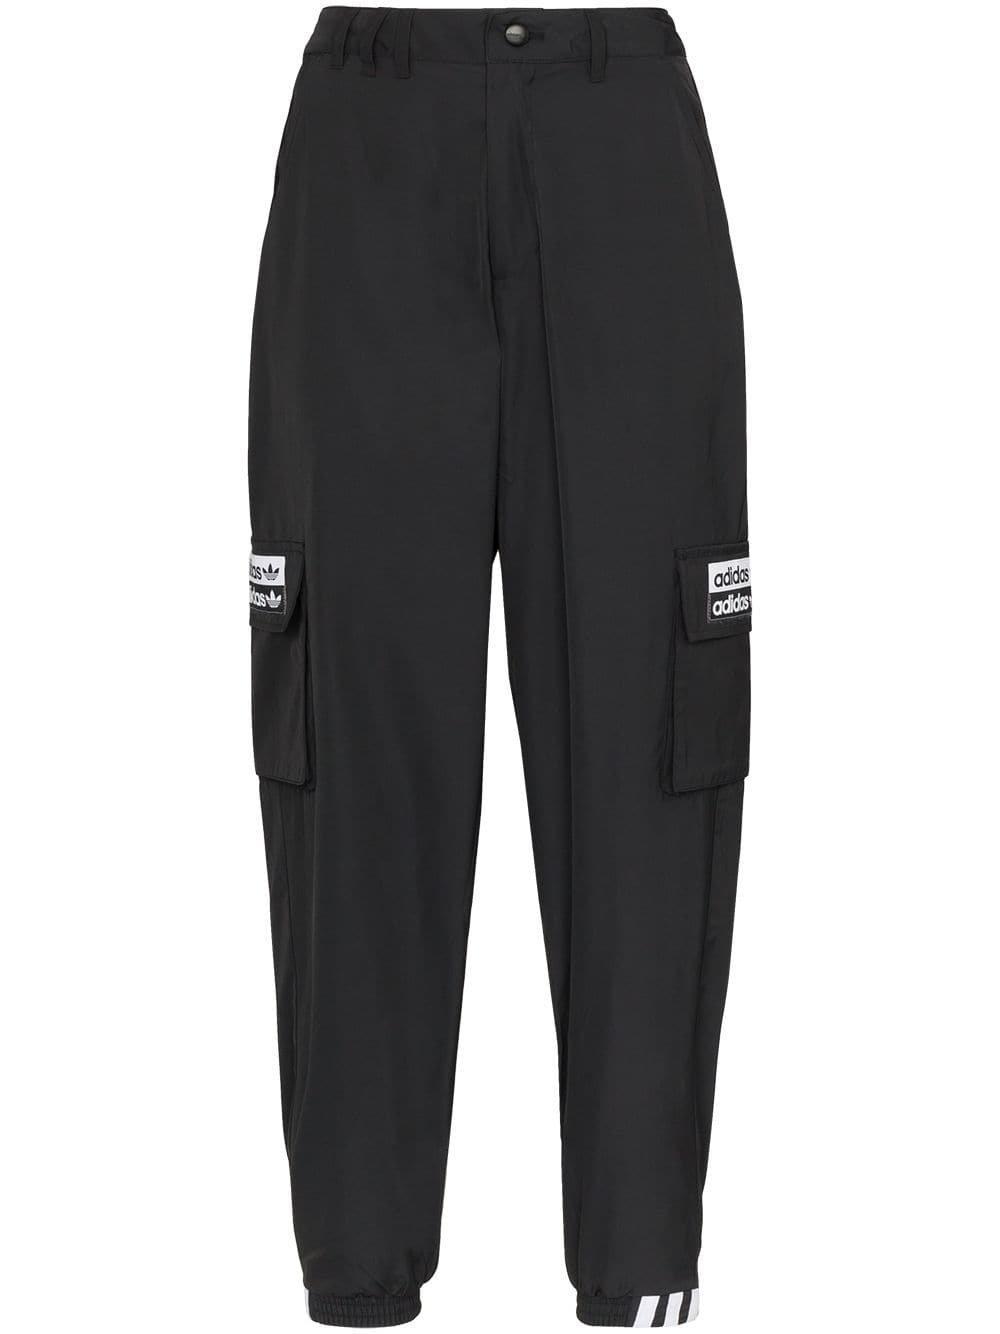 Black Adidas Originals Utility Trousers   Farfetch.com